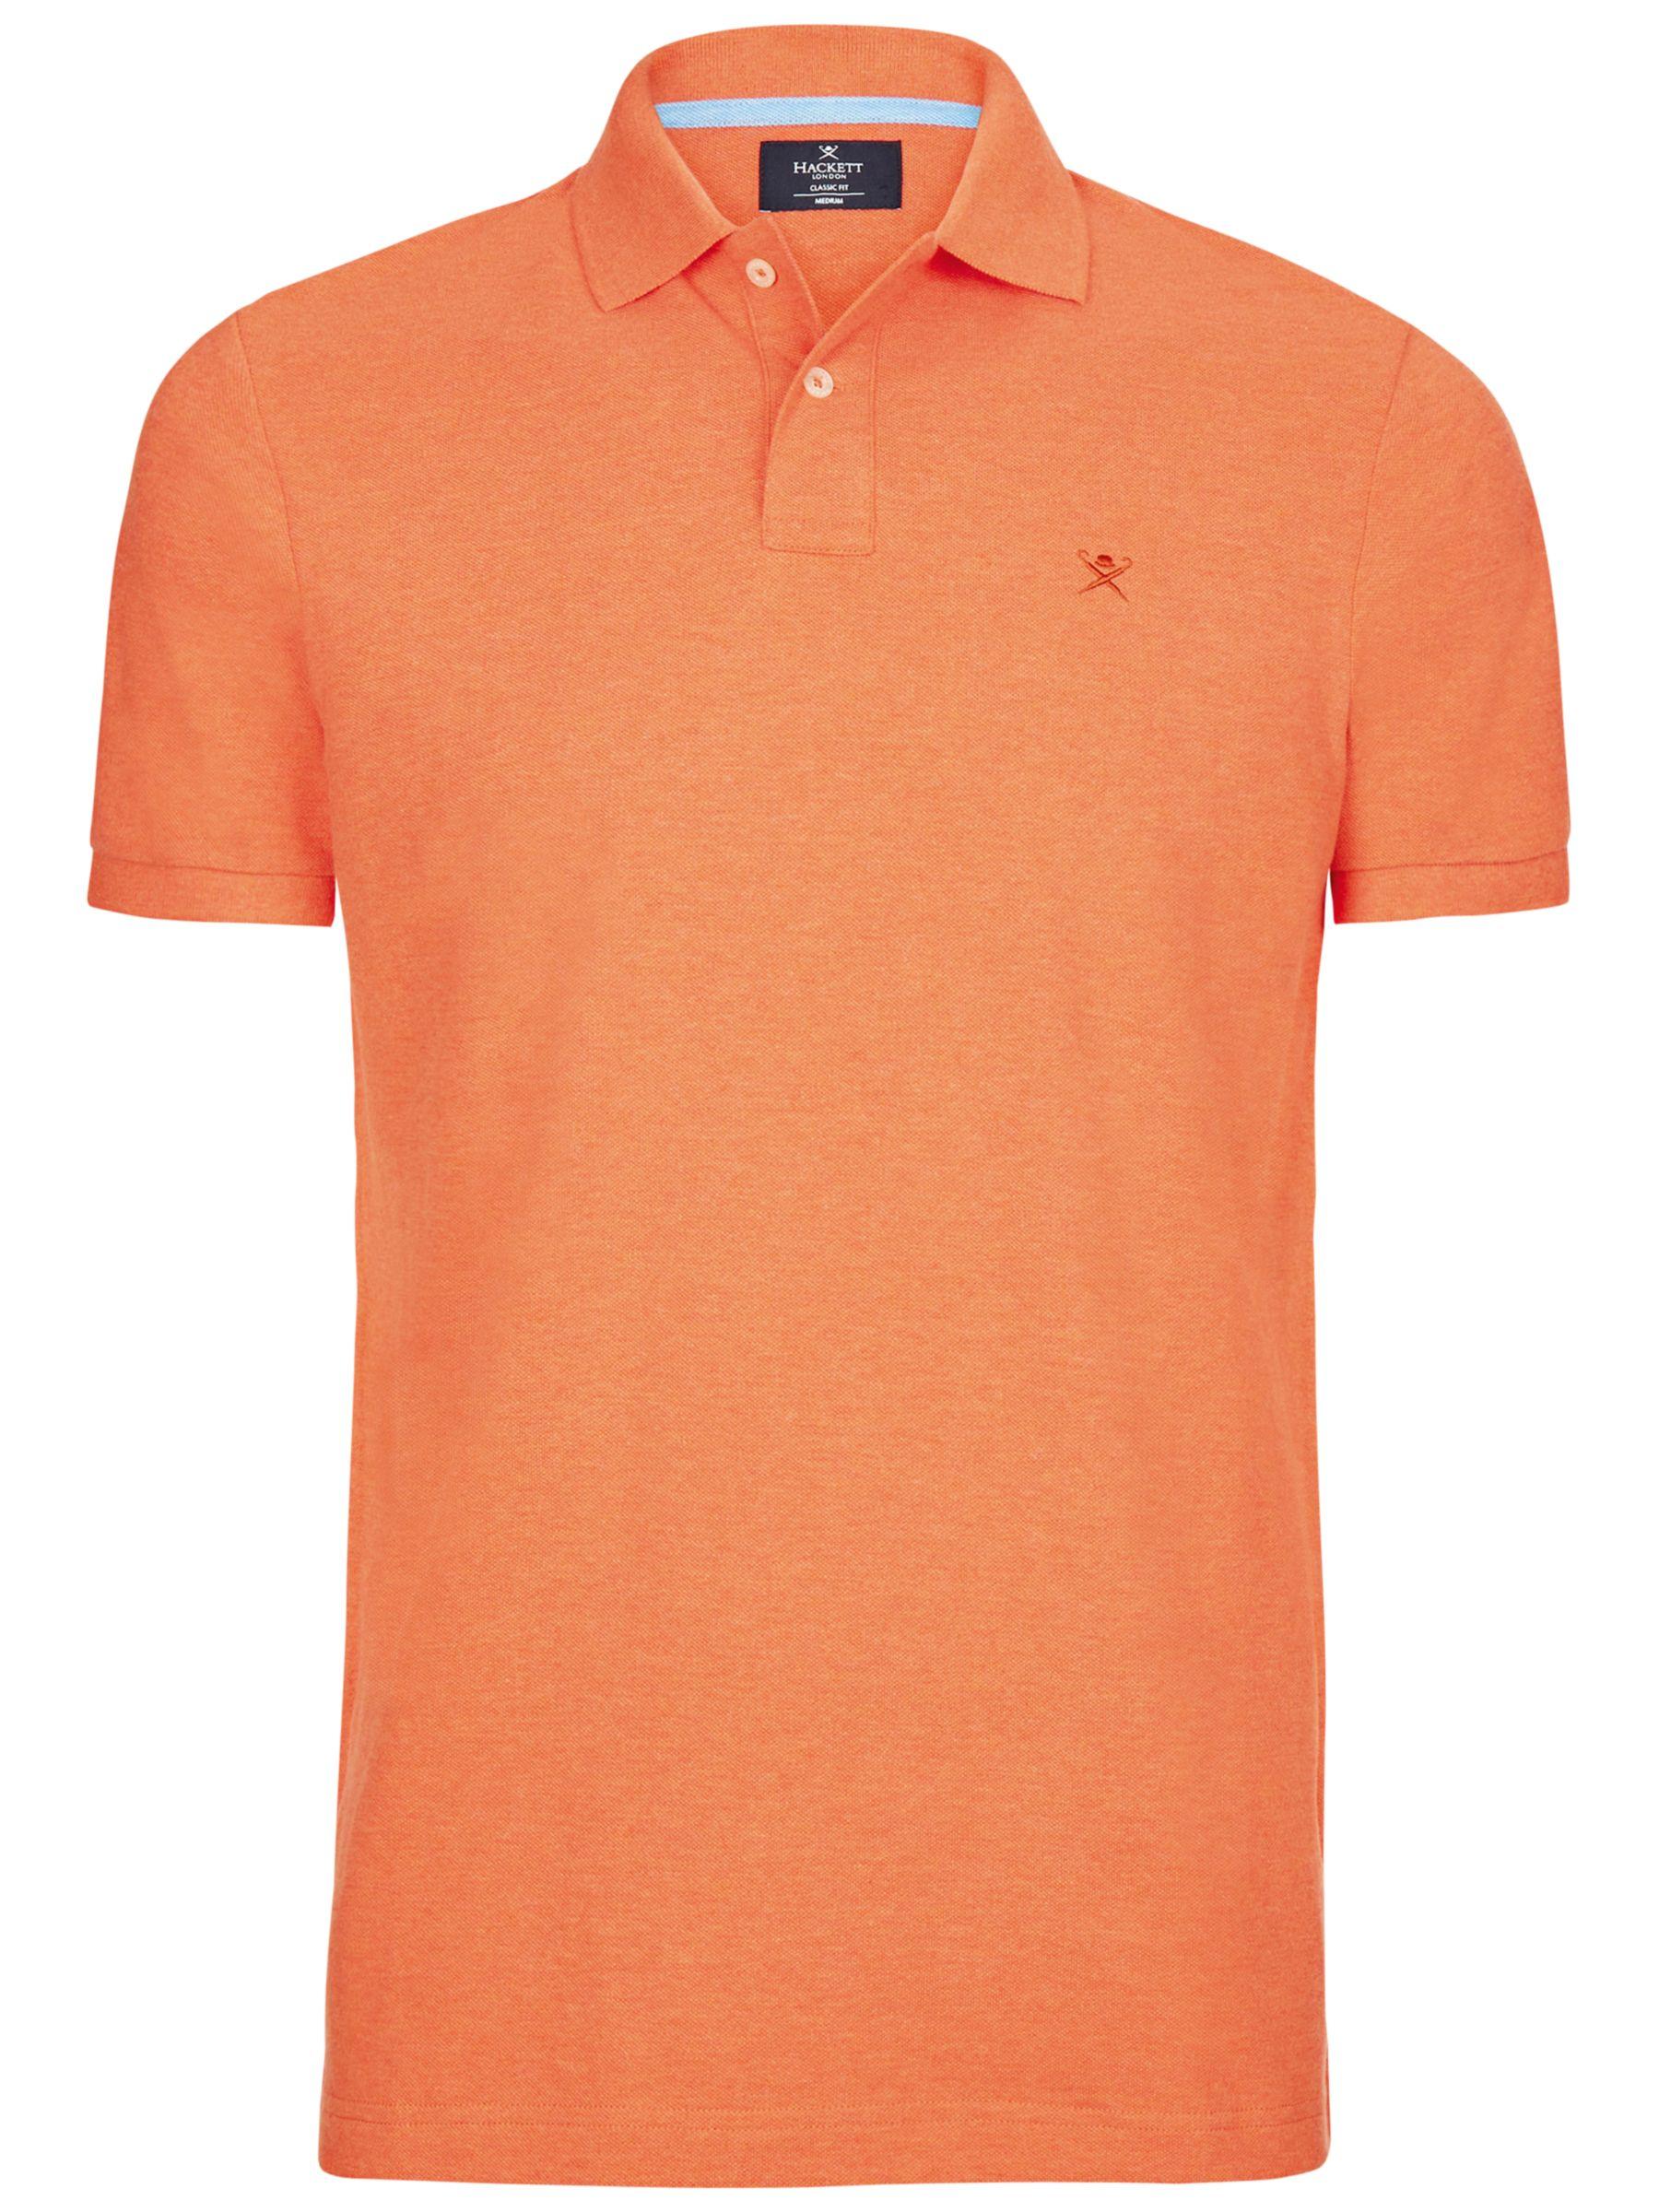 Hackett London Hackett London Classic Logo Short Sleeve Polo Shirt